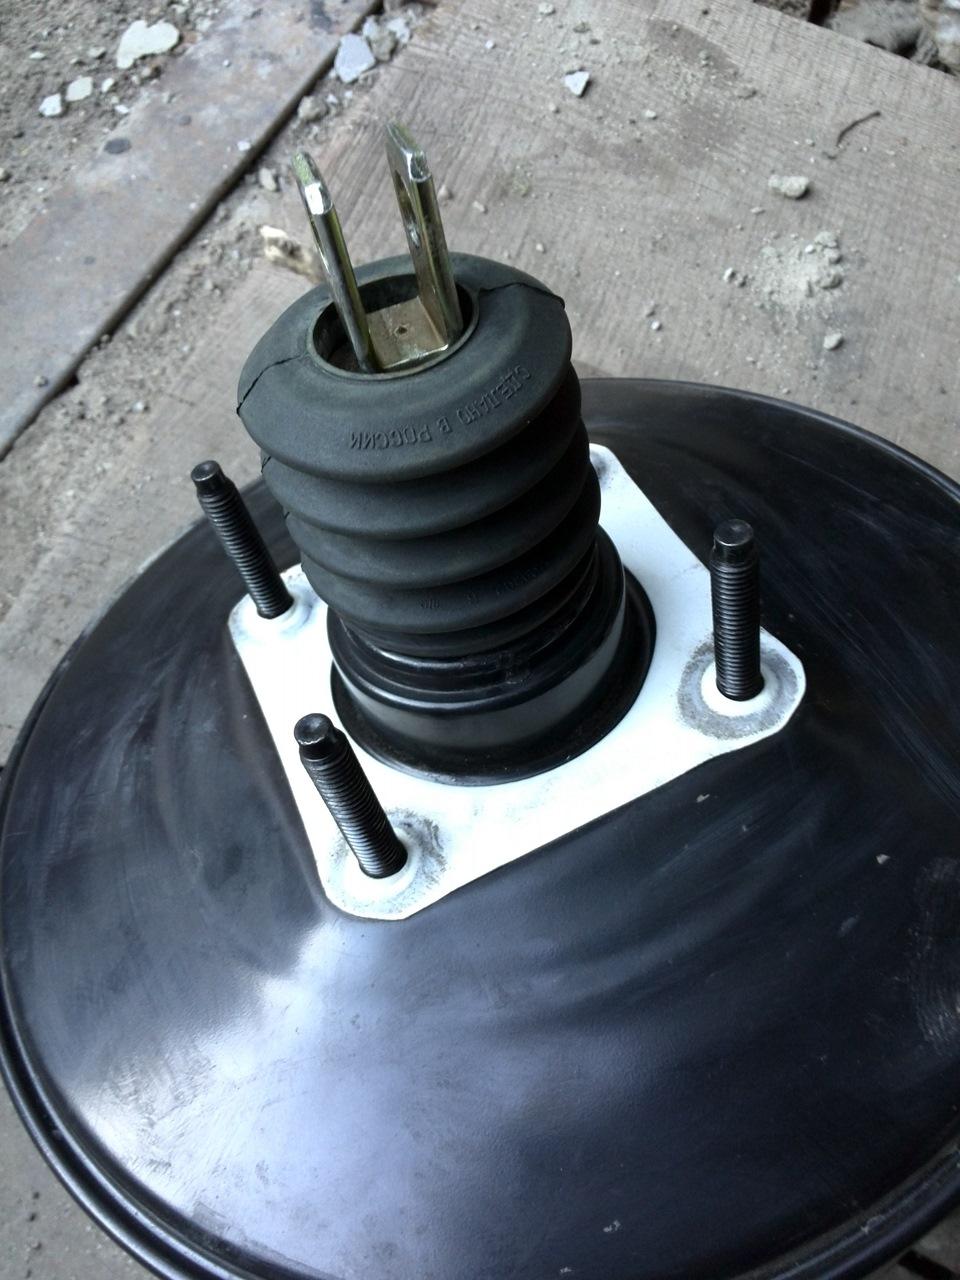 Замена вакуумного усилителя тормозов мазда демио Замена рычагов подвески mitsubishi